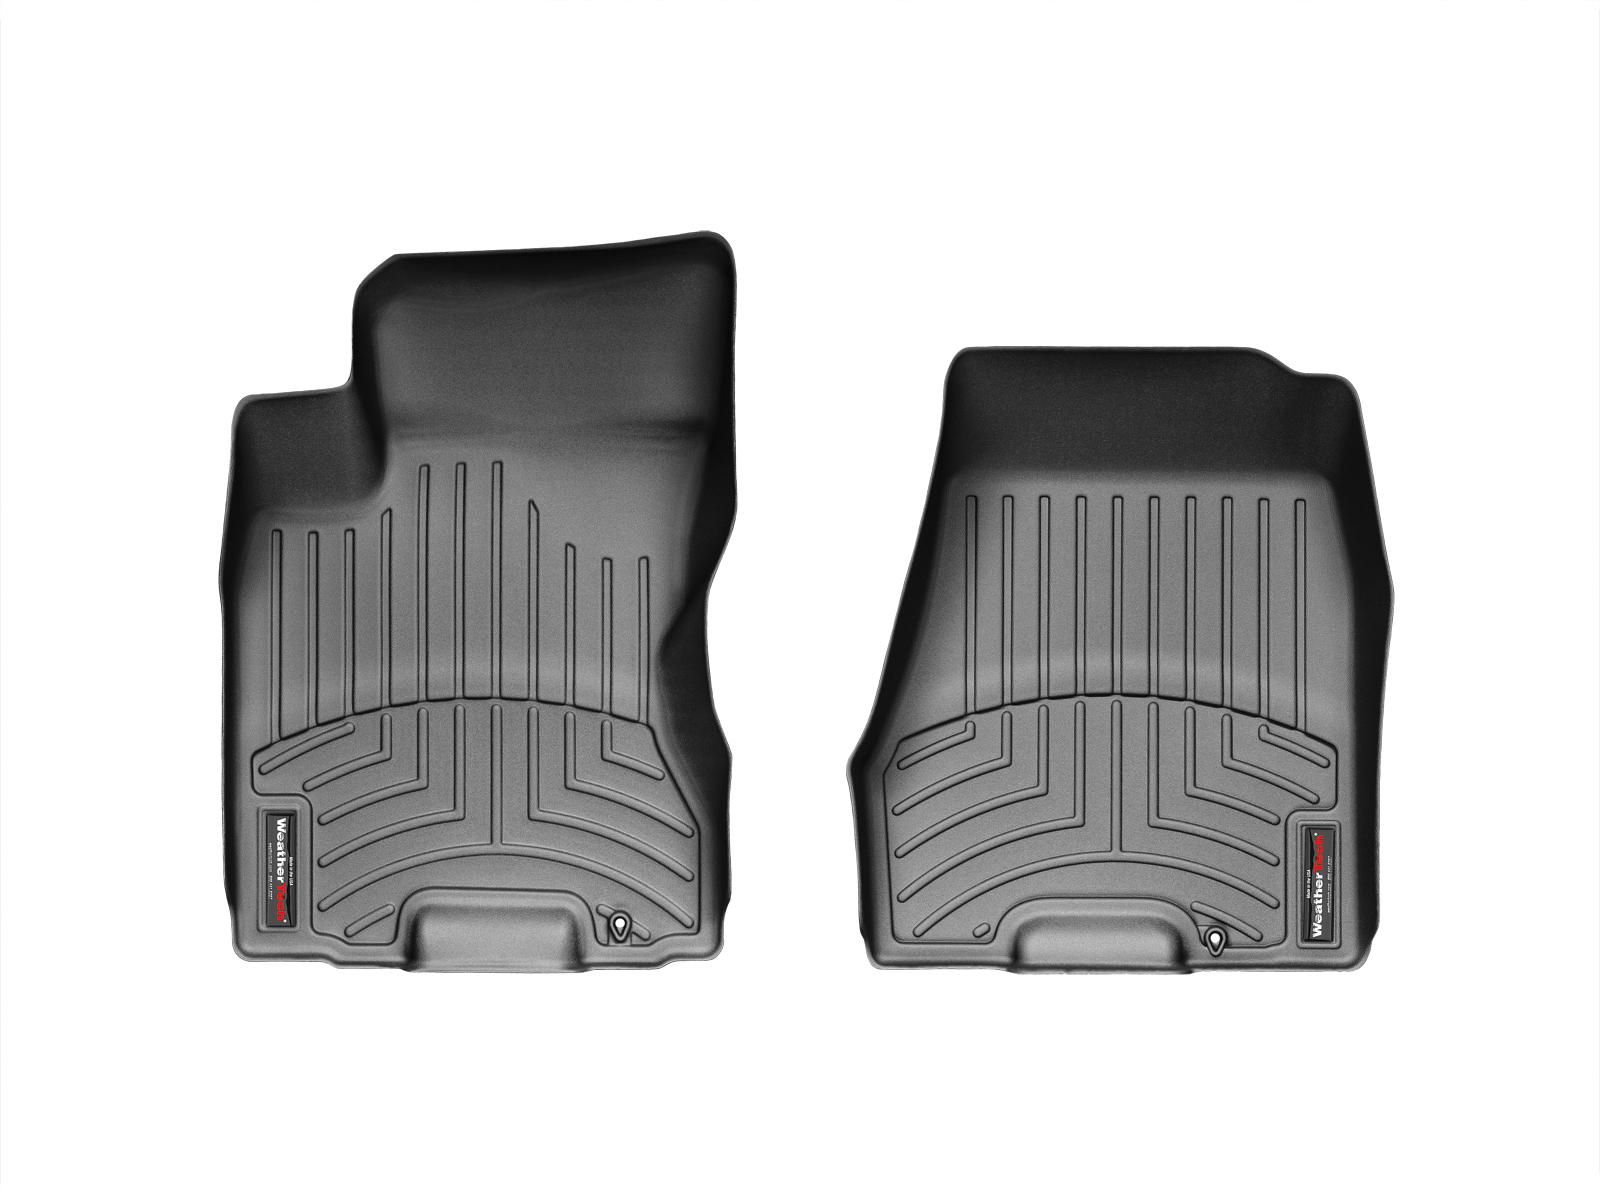 Tappeti gomma su misura bordo alto Nissan X-Trail 14>14 Nero A2937